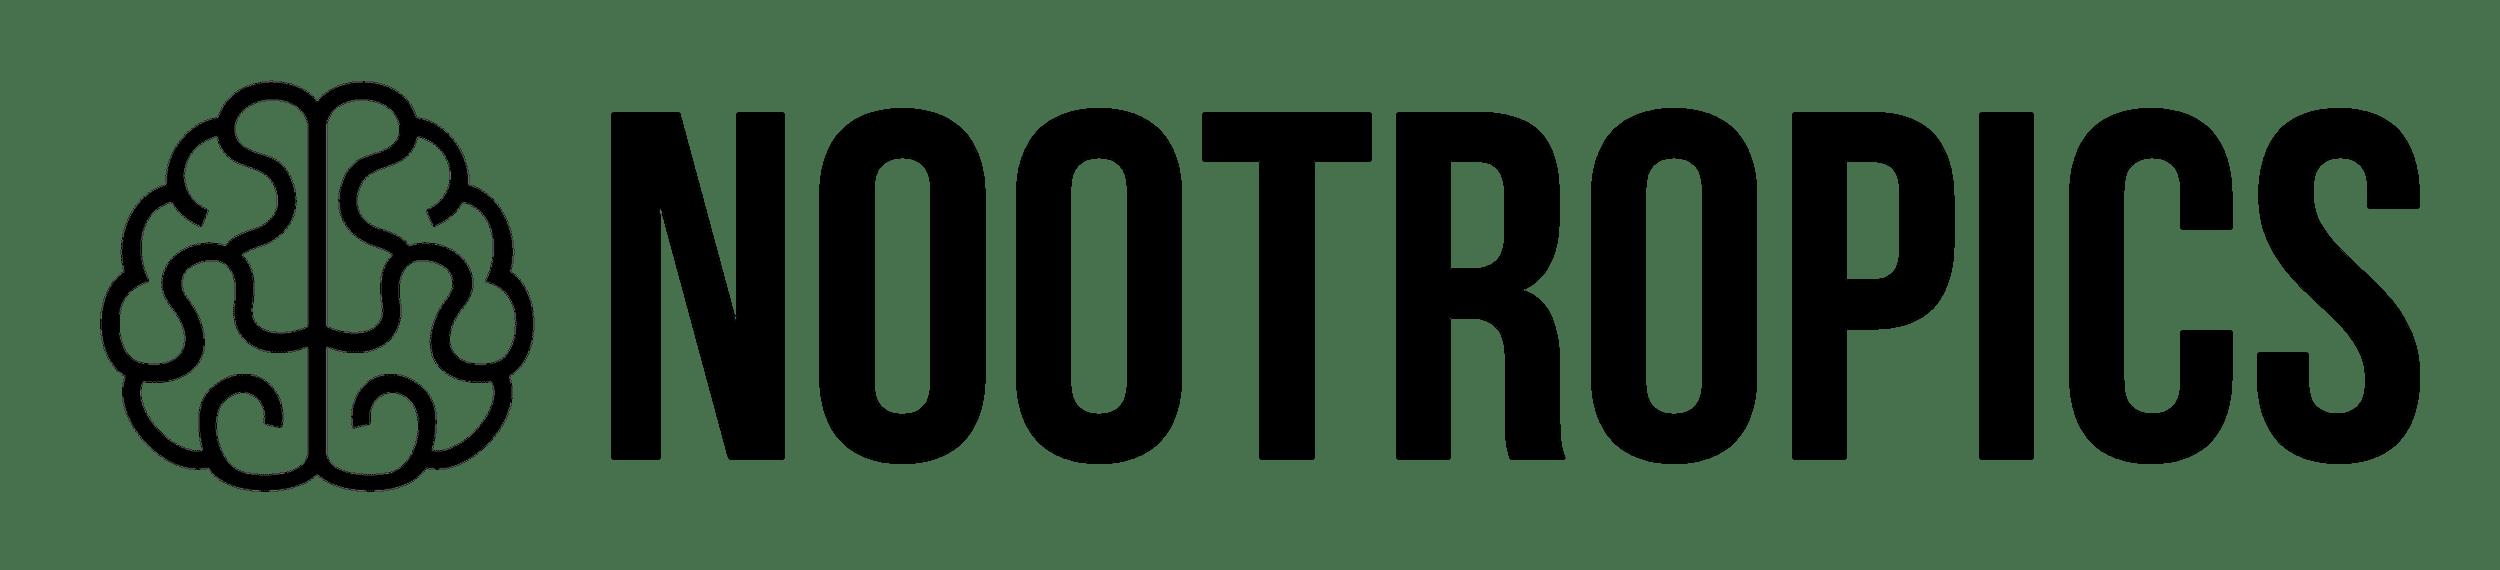 Nootropics - магазин Ноотропов в Украине